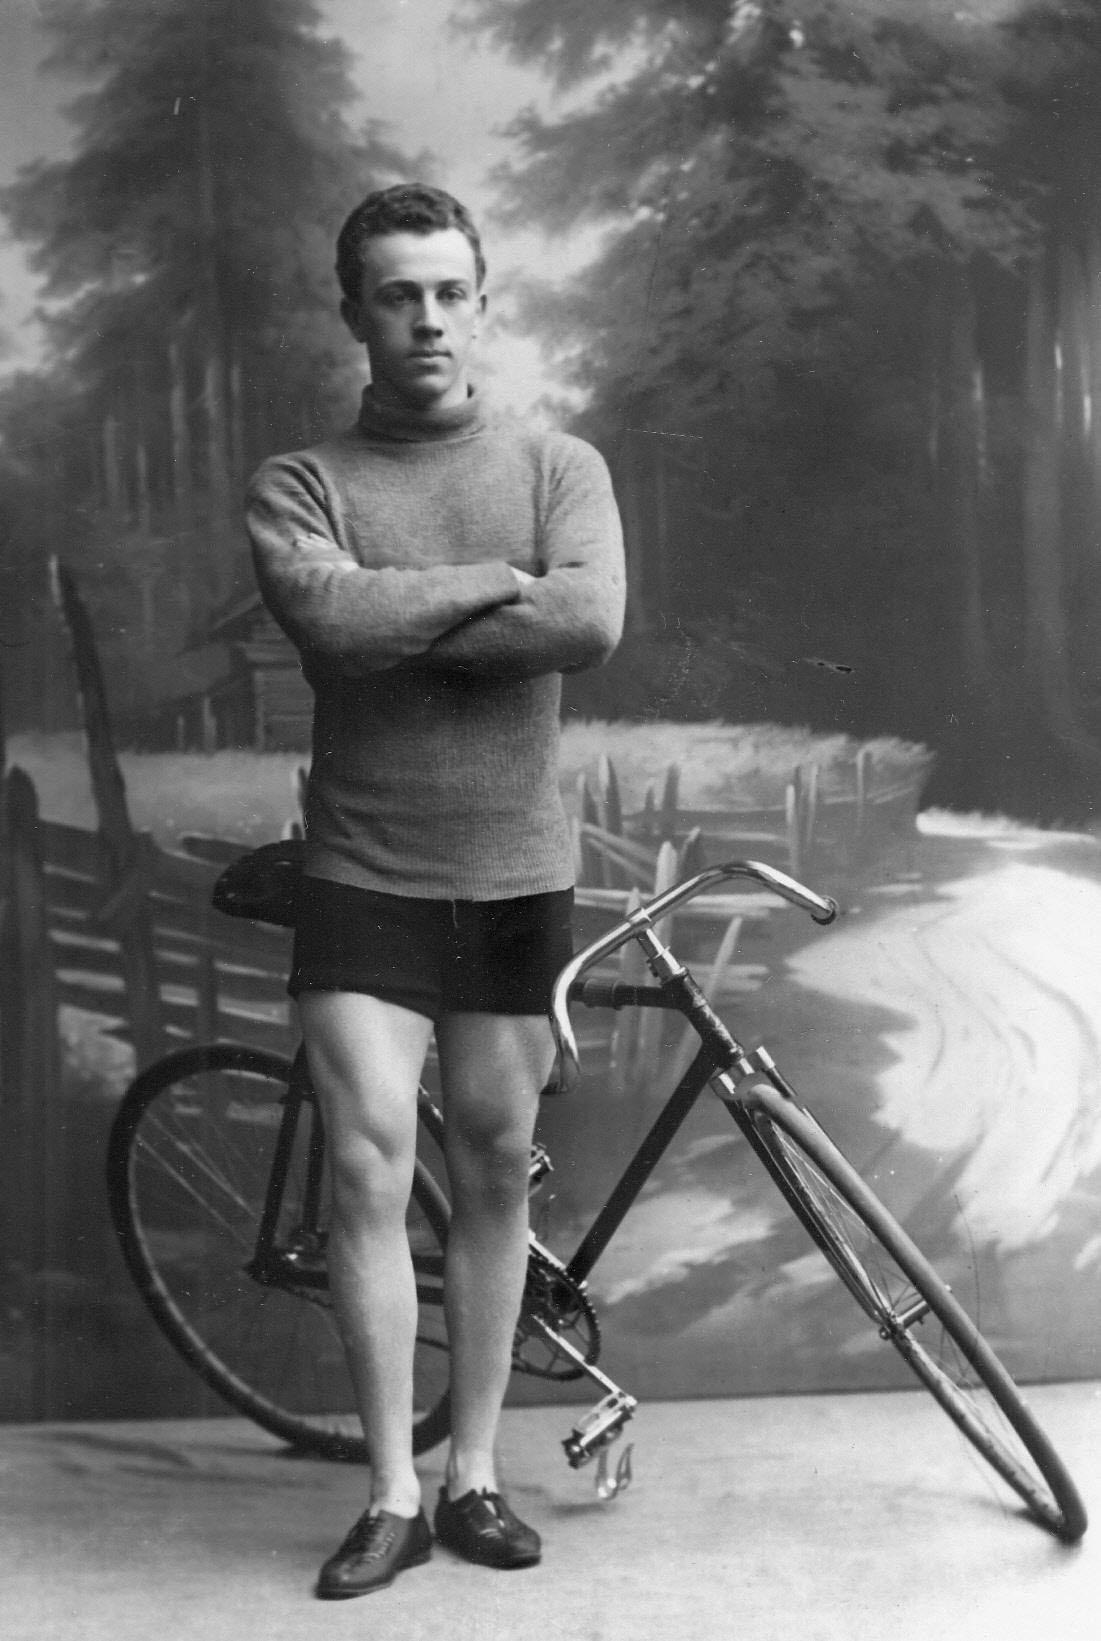 Участник велогонок гонщик Войтиков (Германия)